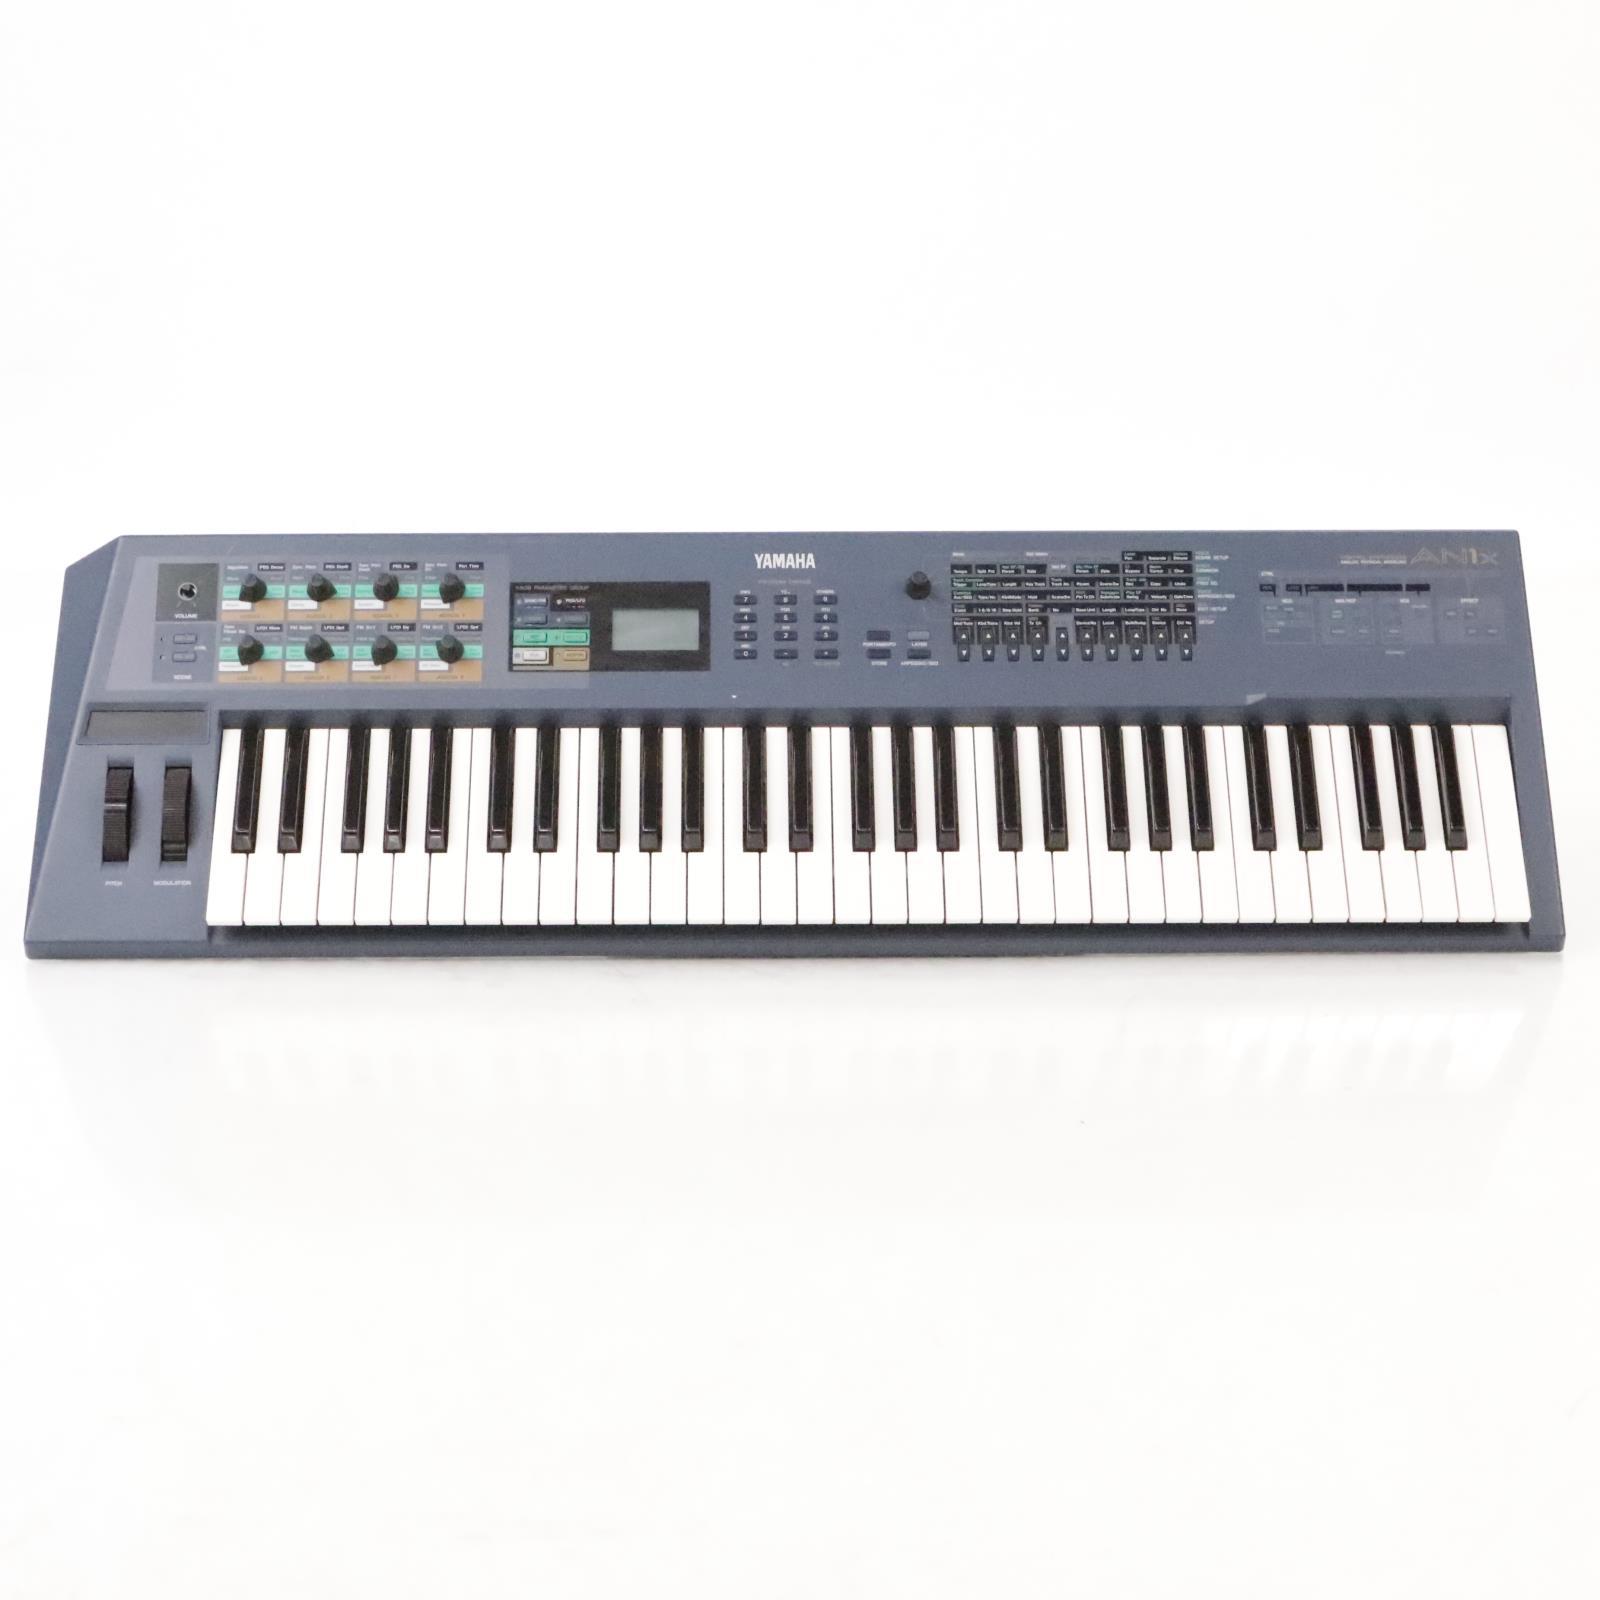 Yamaha AN1X Analog Physical Modeling 61-Key Synthesizer w/ Power Supply #35677